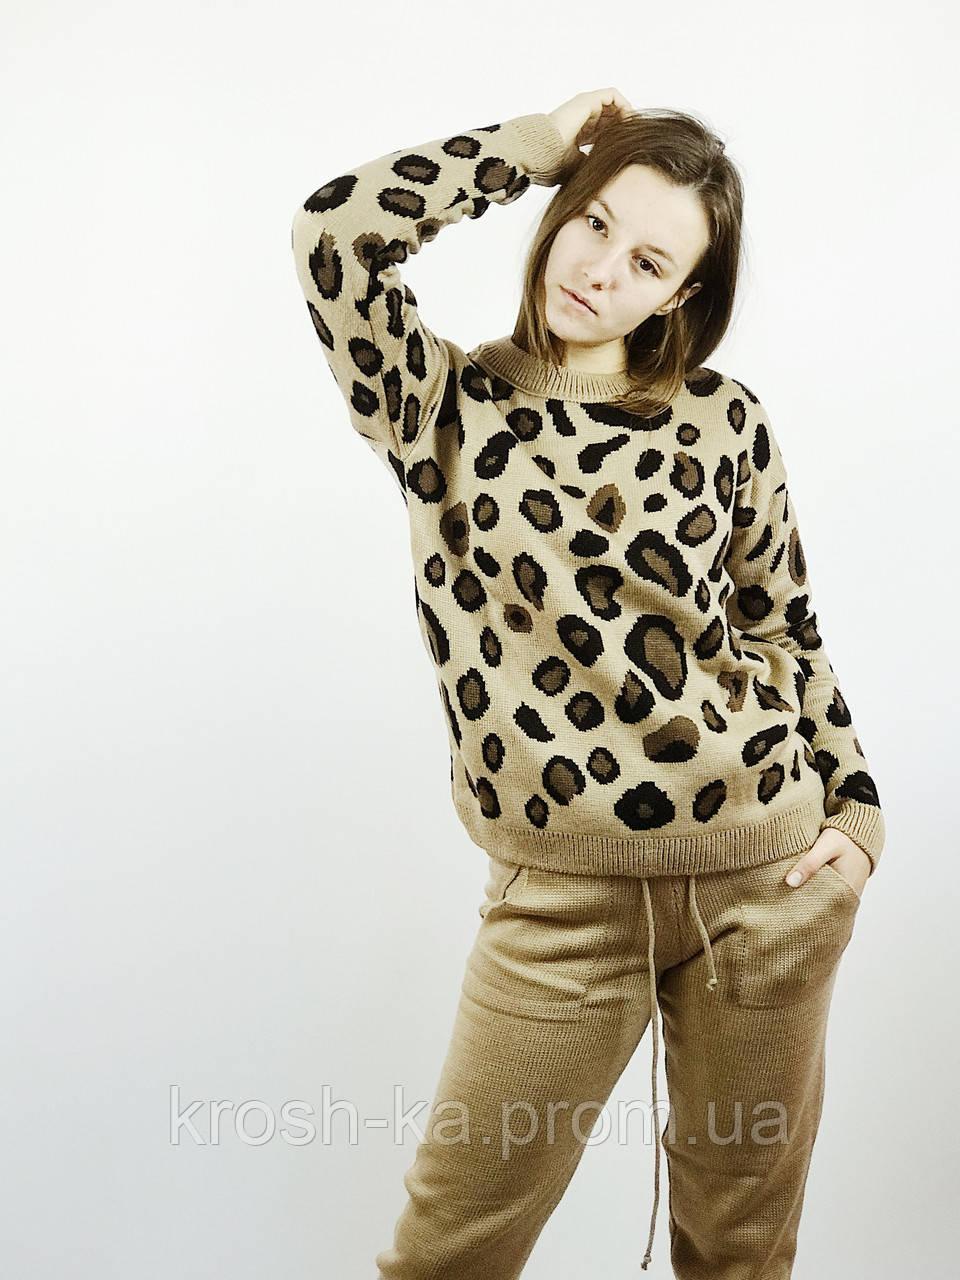 Костюм вязанный свитер+штаны Леопард  (S,M,L,XL) Польша коричневый 6698